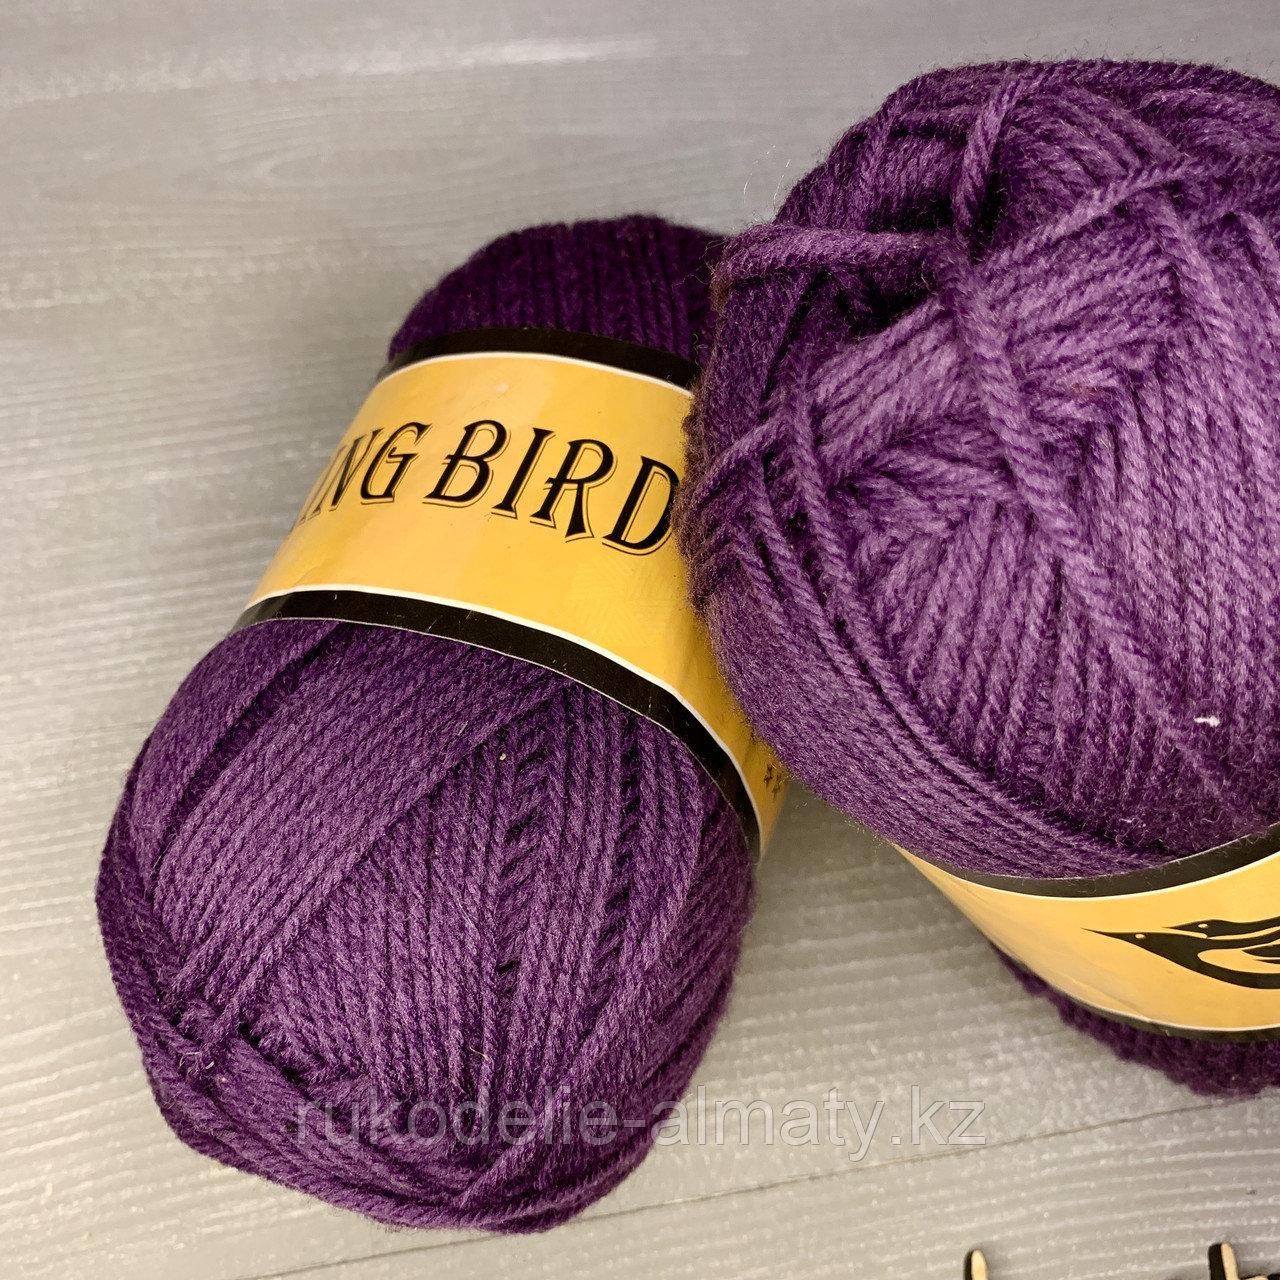 Пряжа акриловая премиум-класса King Bird баклажановый - фото 2